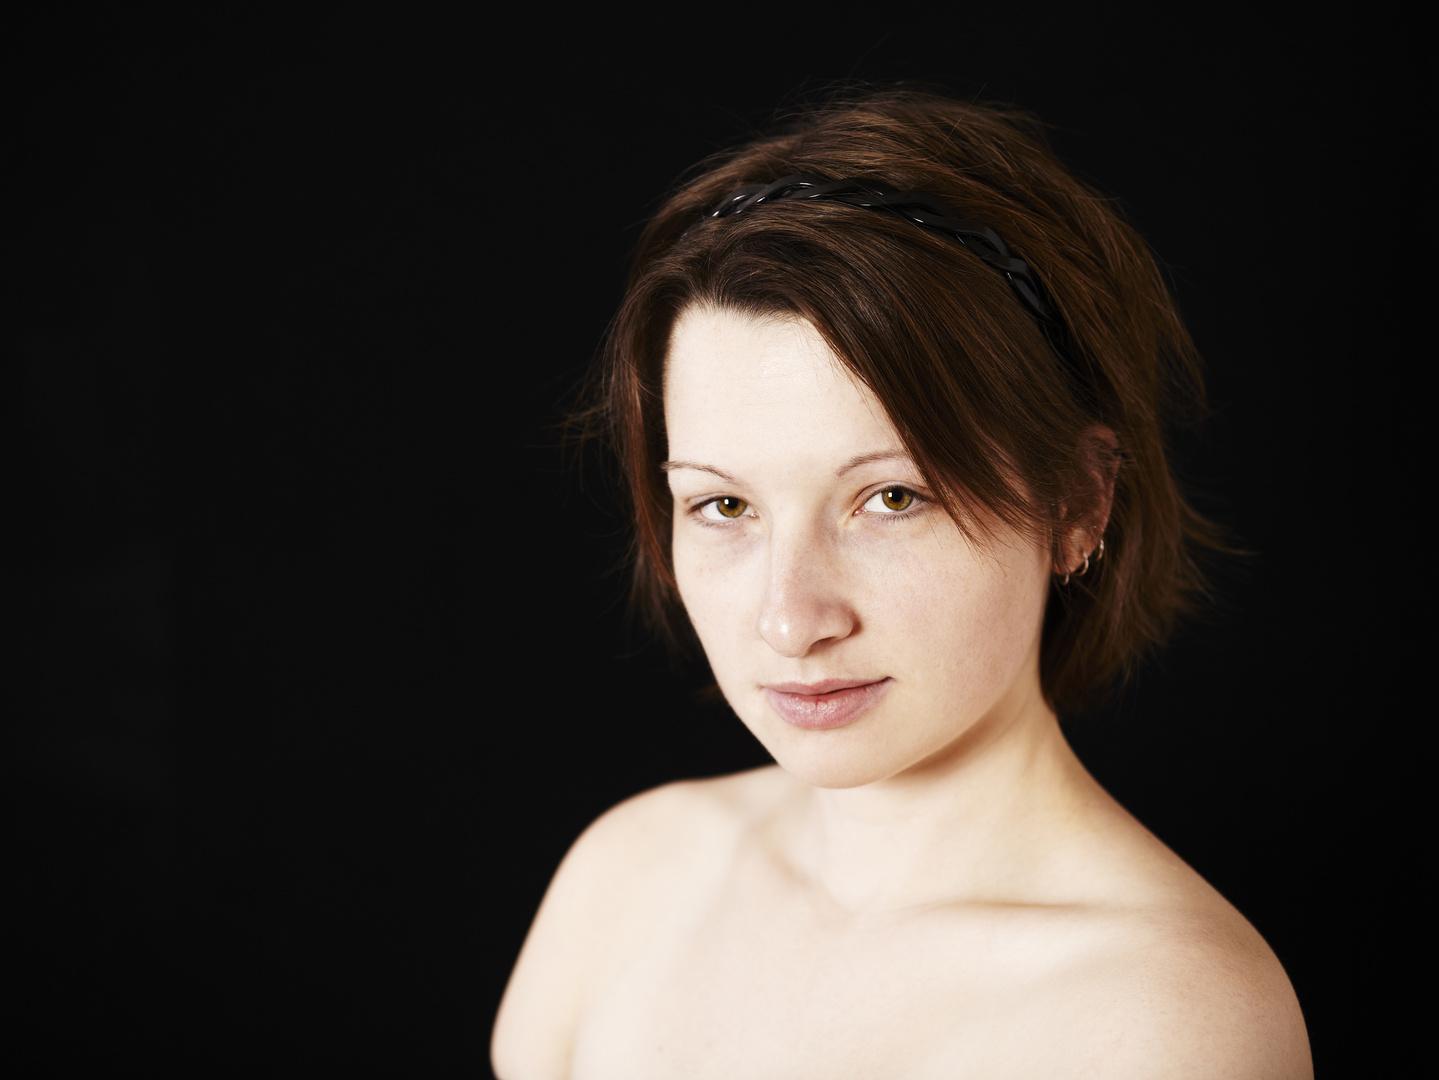 Jani Portrait